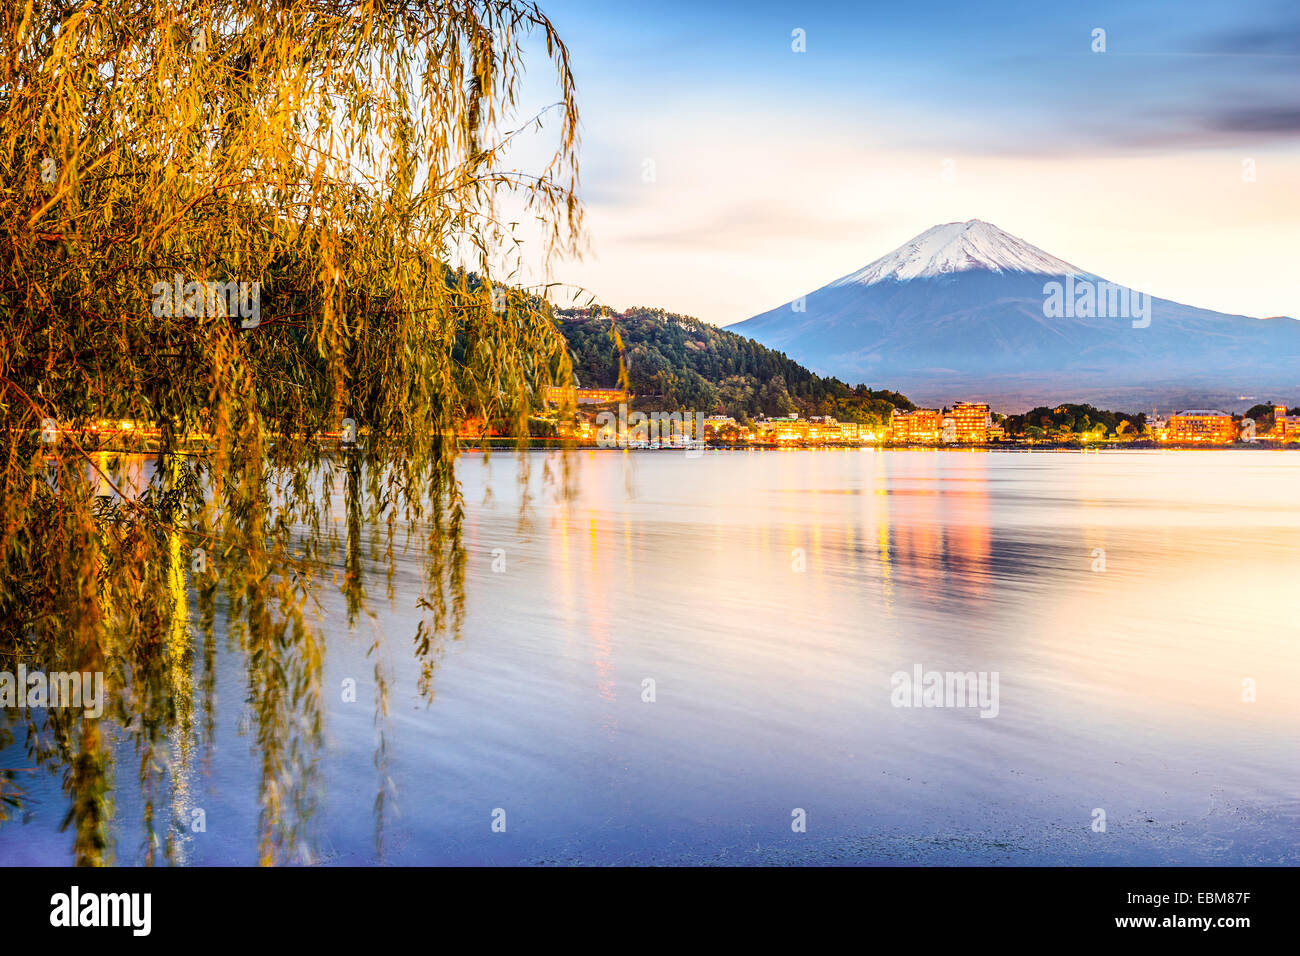 Mt. En el Lago Kawaguchi Fuji en Japón. Imagen De Stock